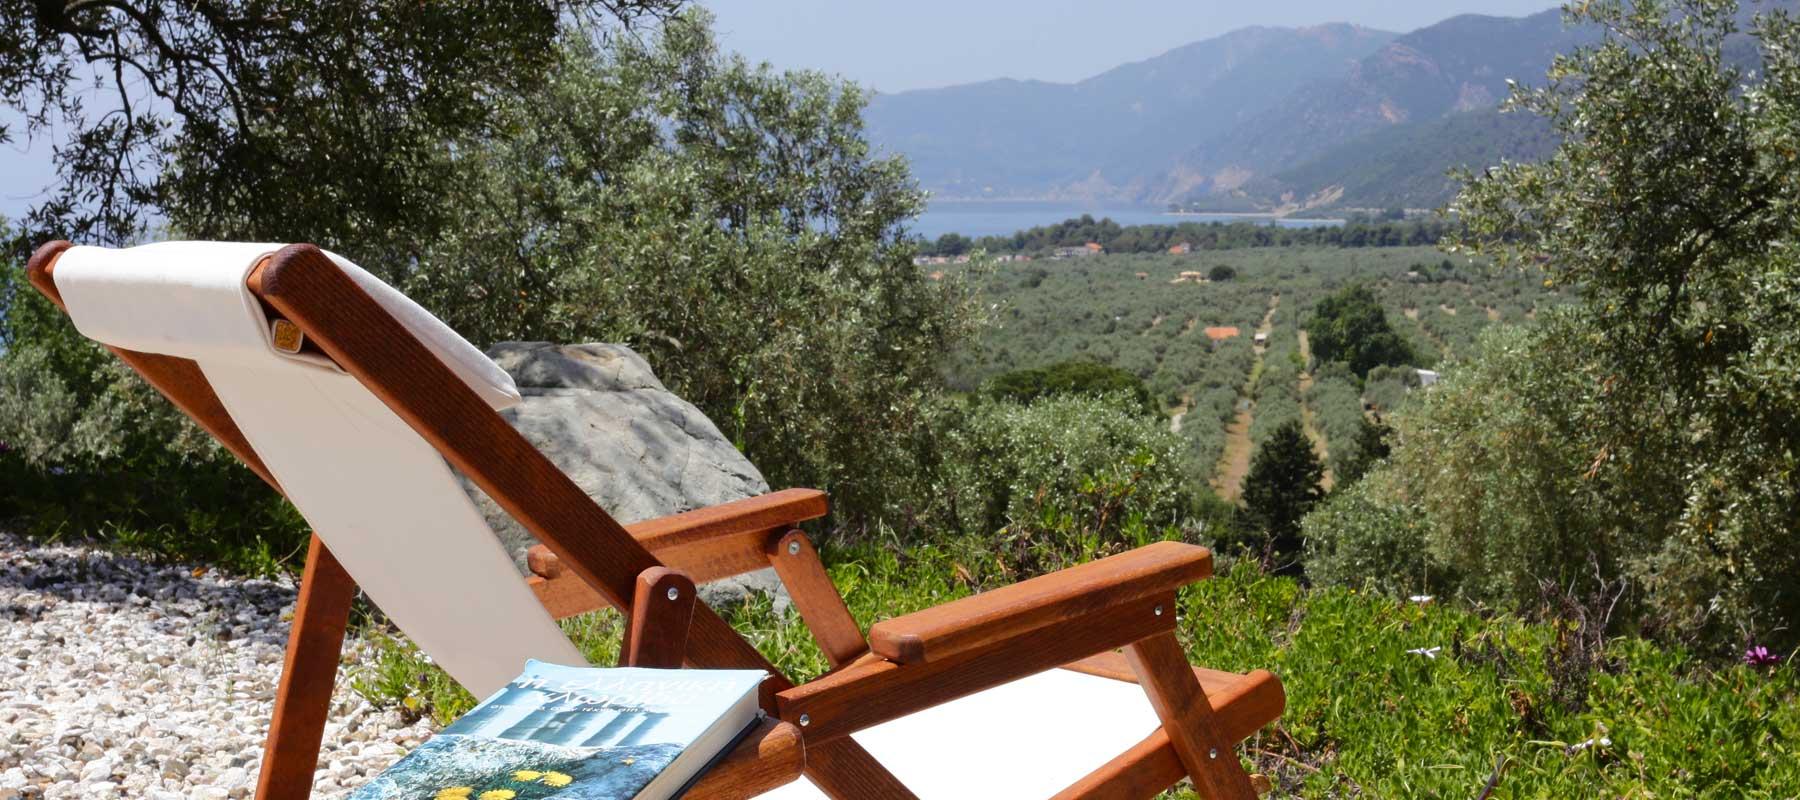 Philosophieren im Paradies und den atemberaubenden Blick auf das offene Meer umrandet von einem Olivenhain genießen…